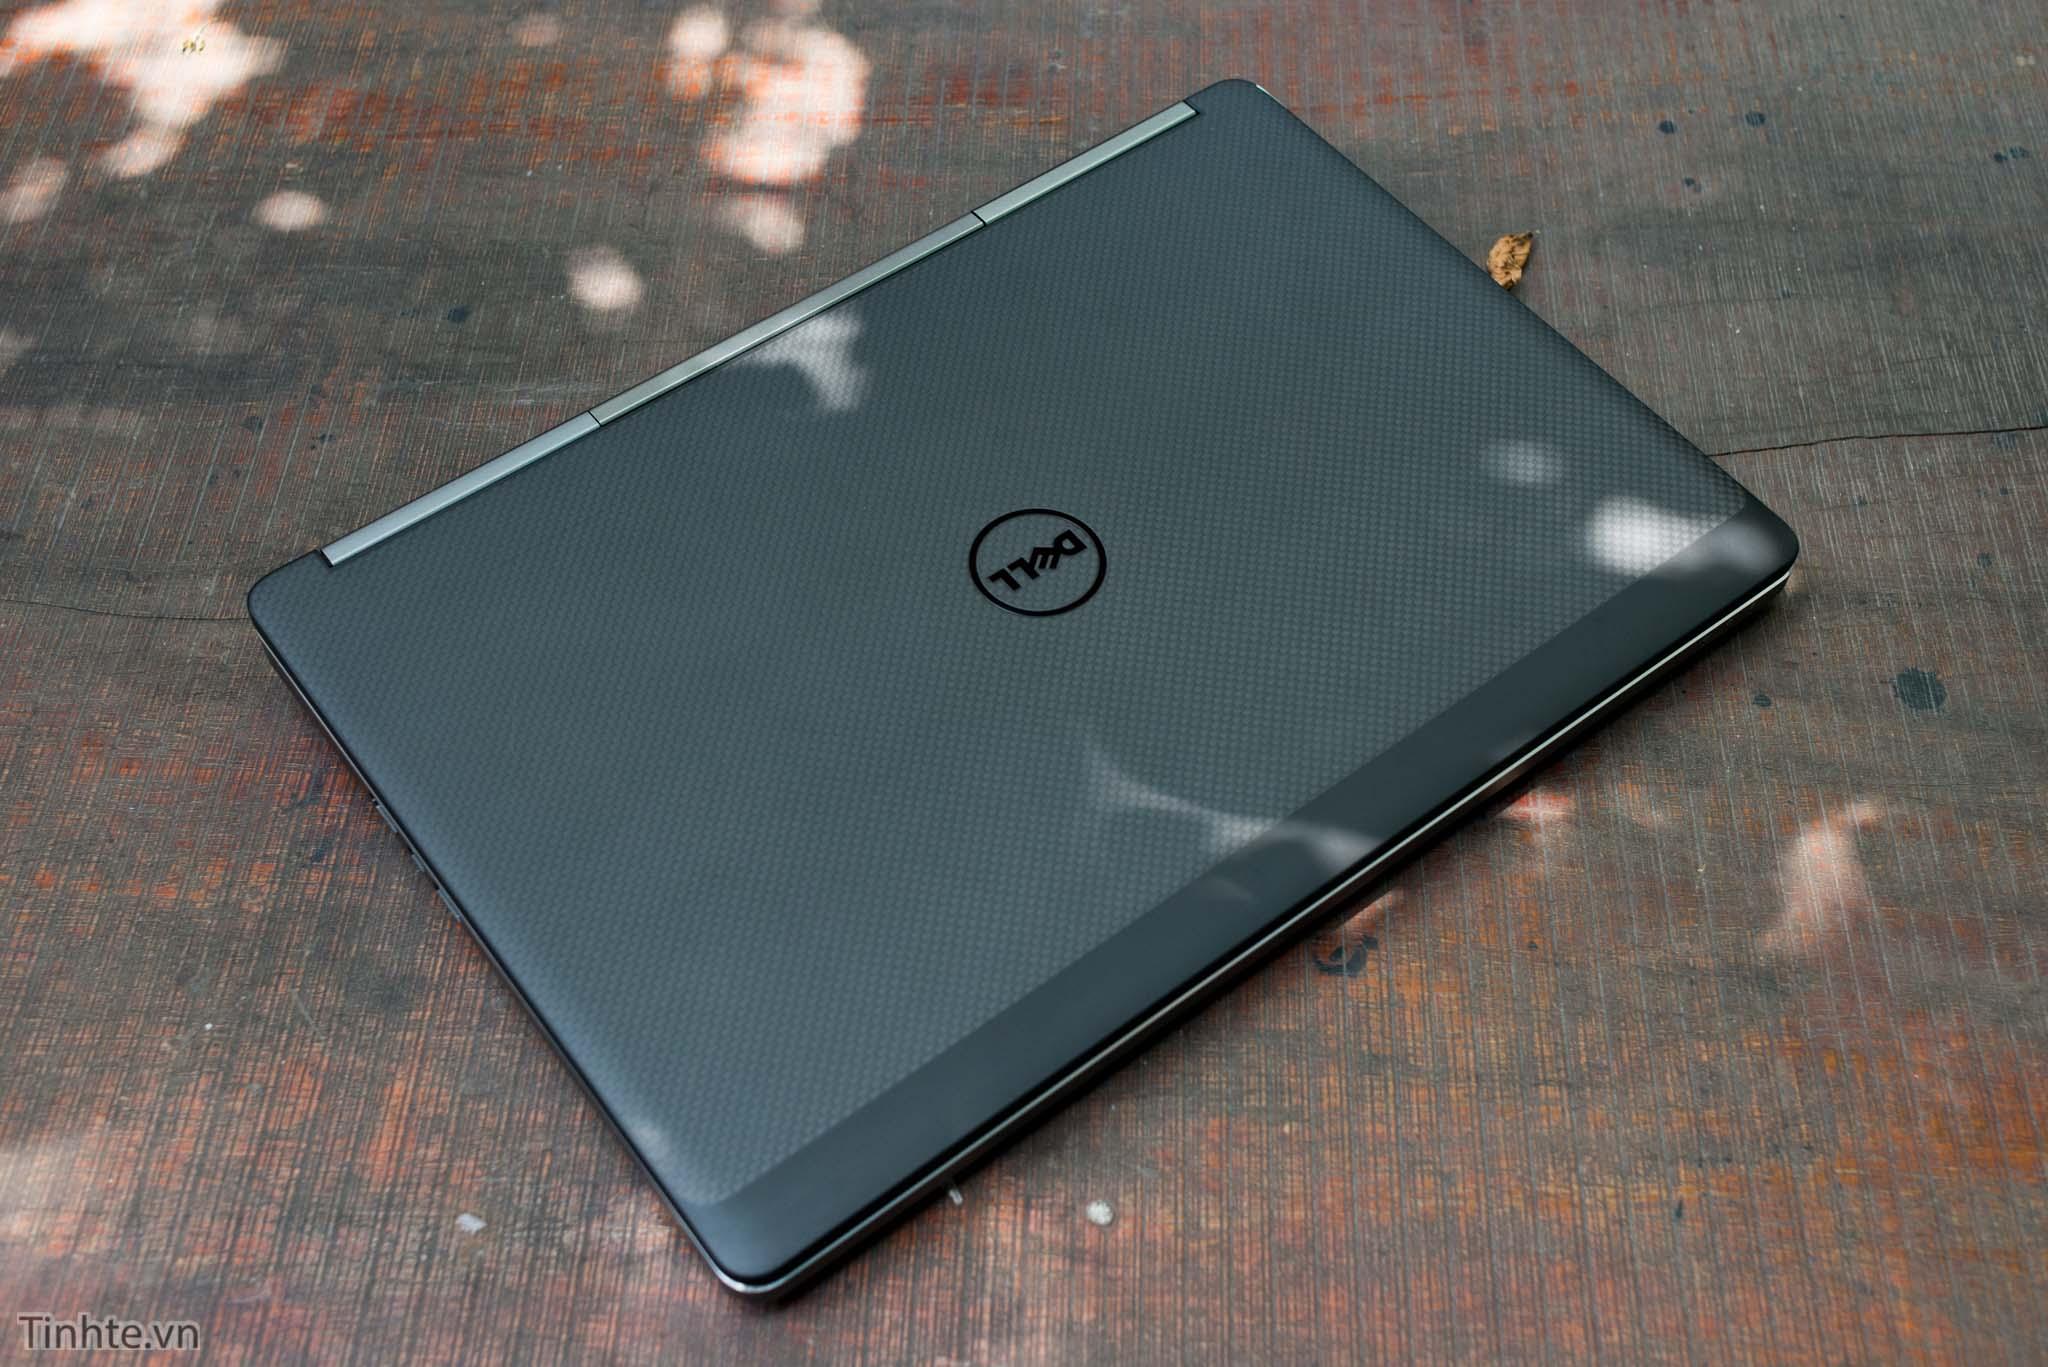 Đang tải Dell 7510_tinhte.vn 2.jpg…